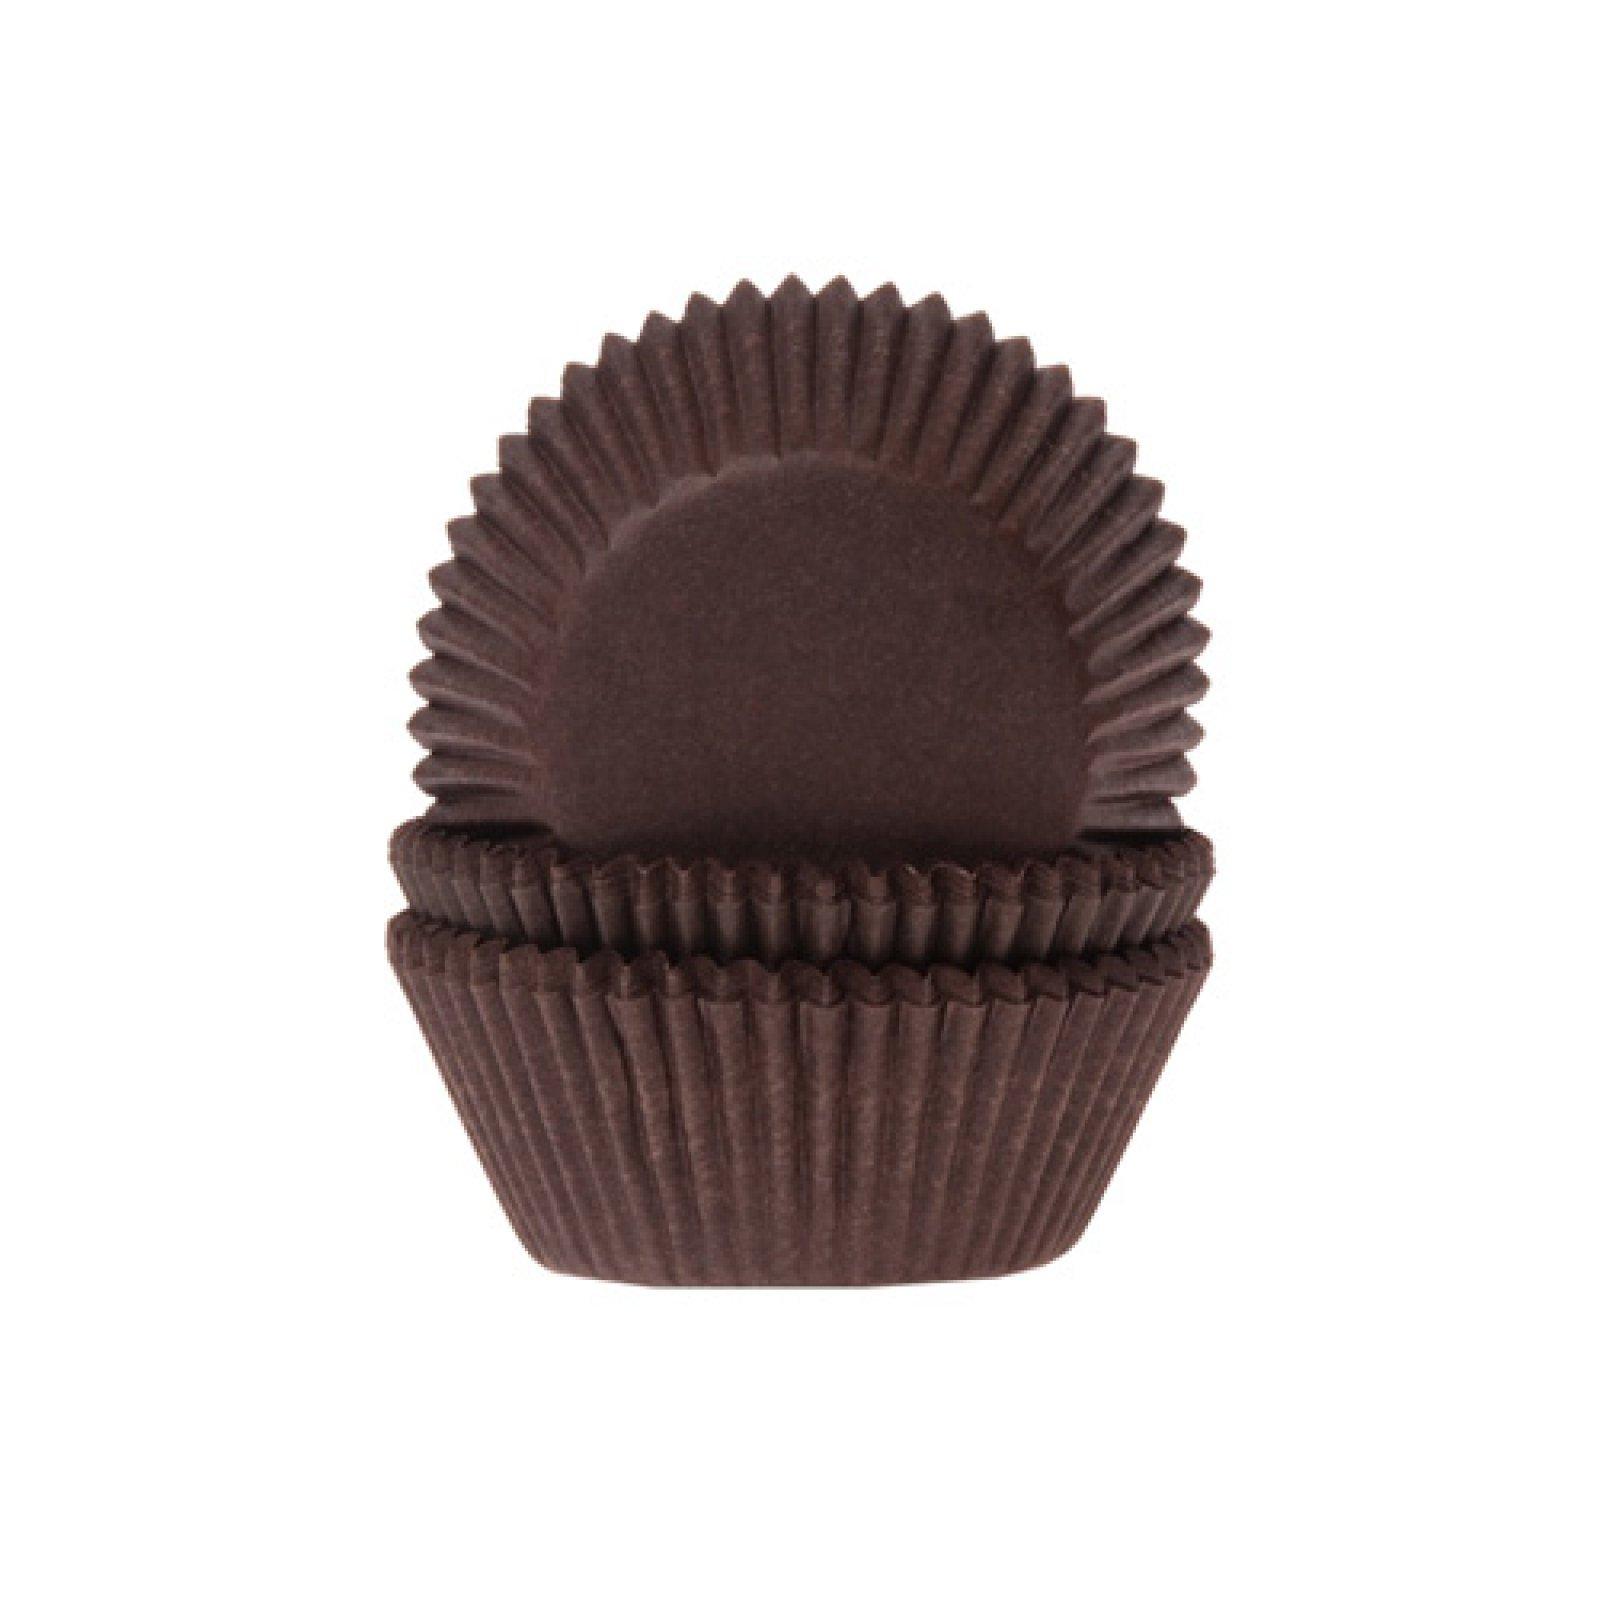 muffinfoermchen-braun